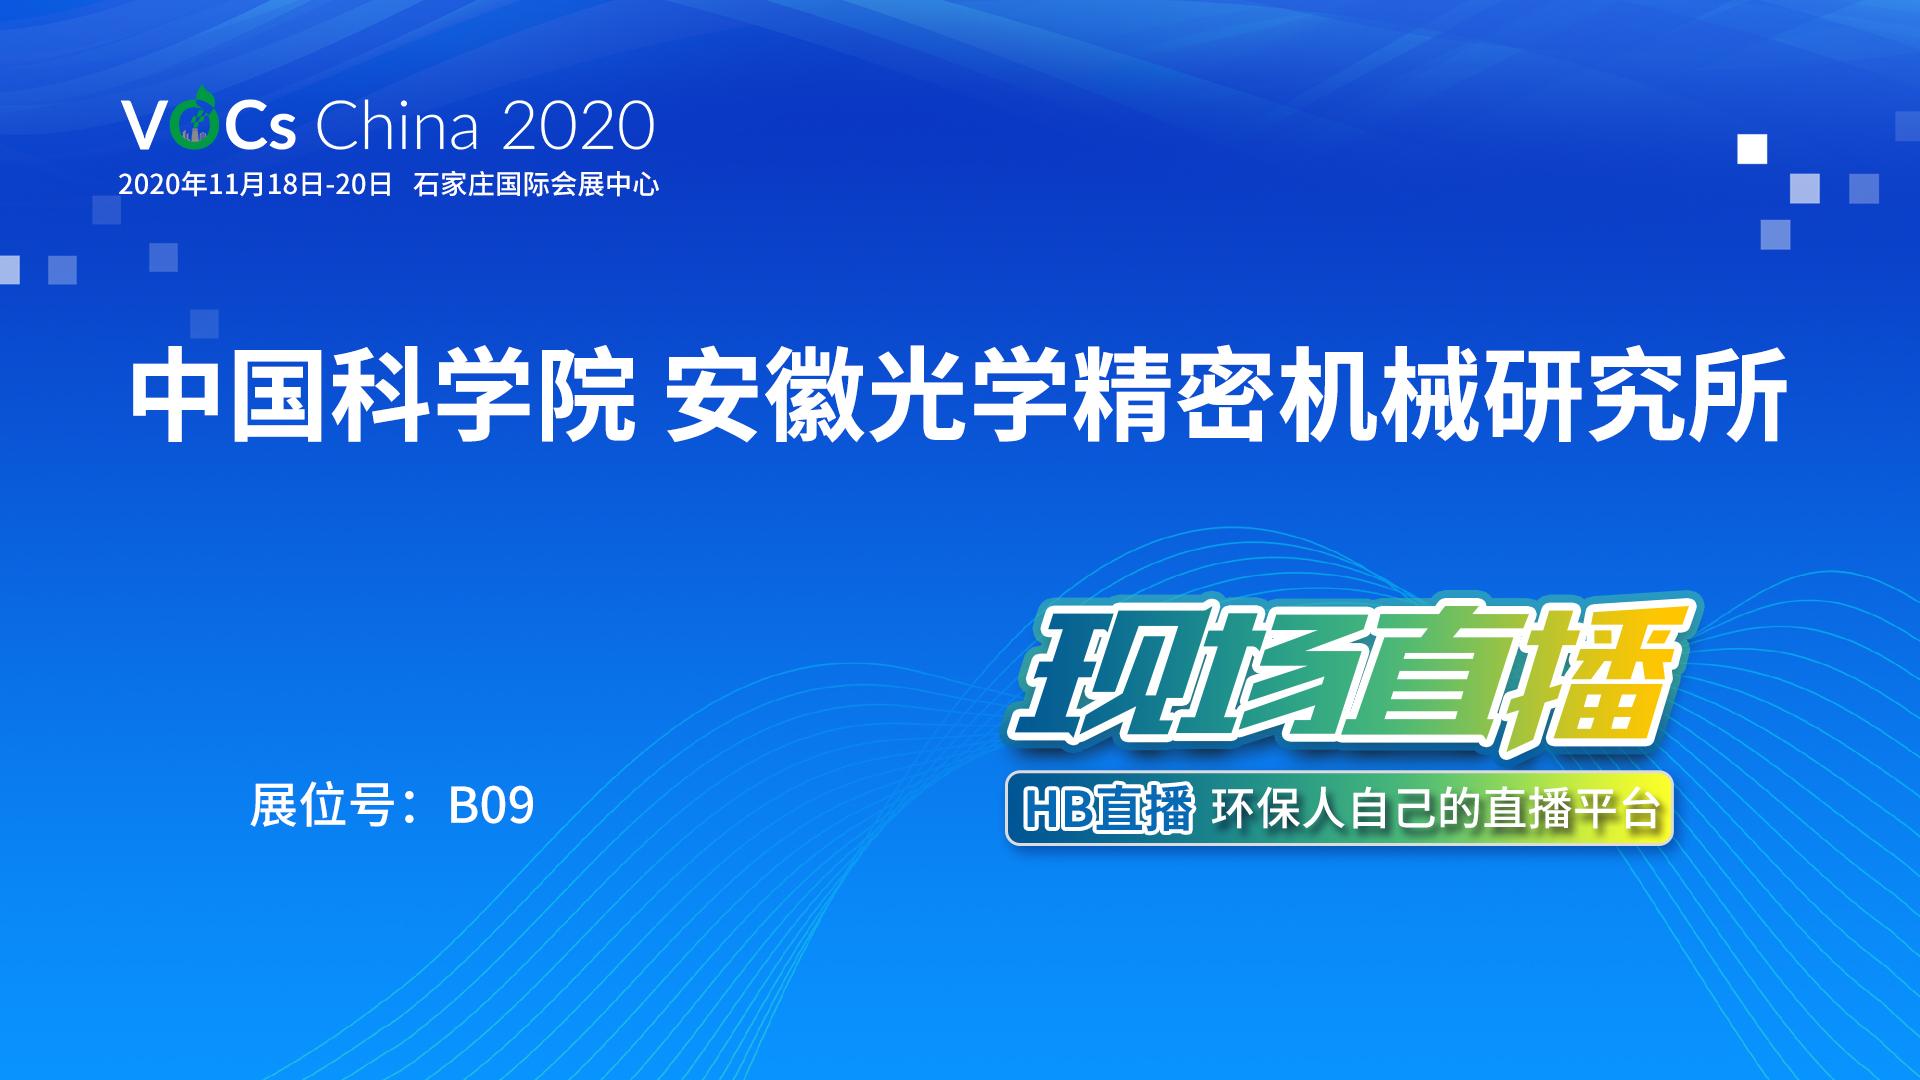 中国科学院安徽光学精密机械研究所 VOCs China 2020 直播推荐